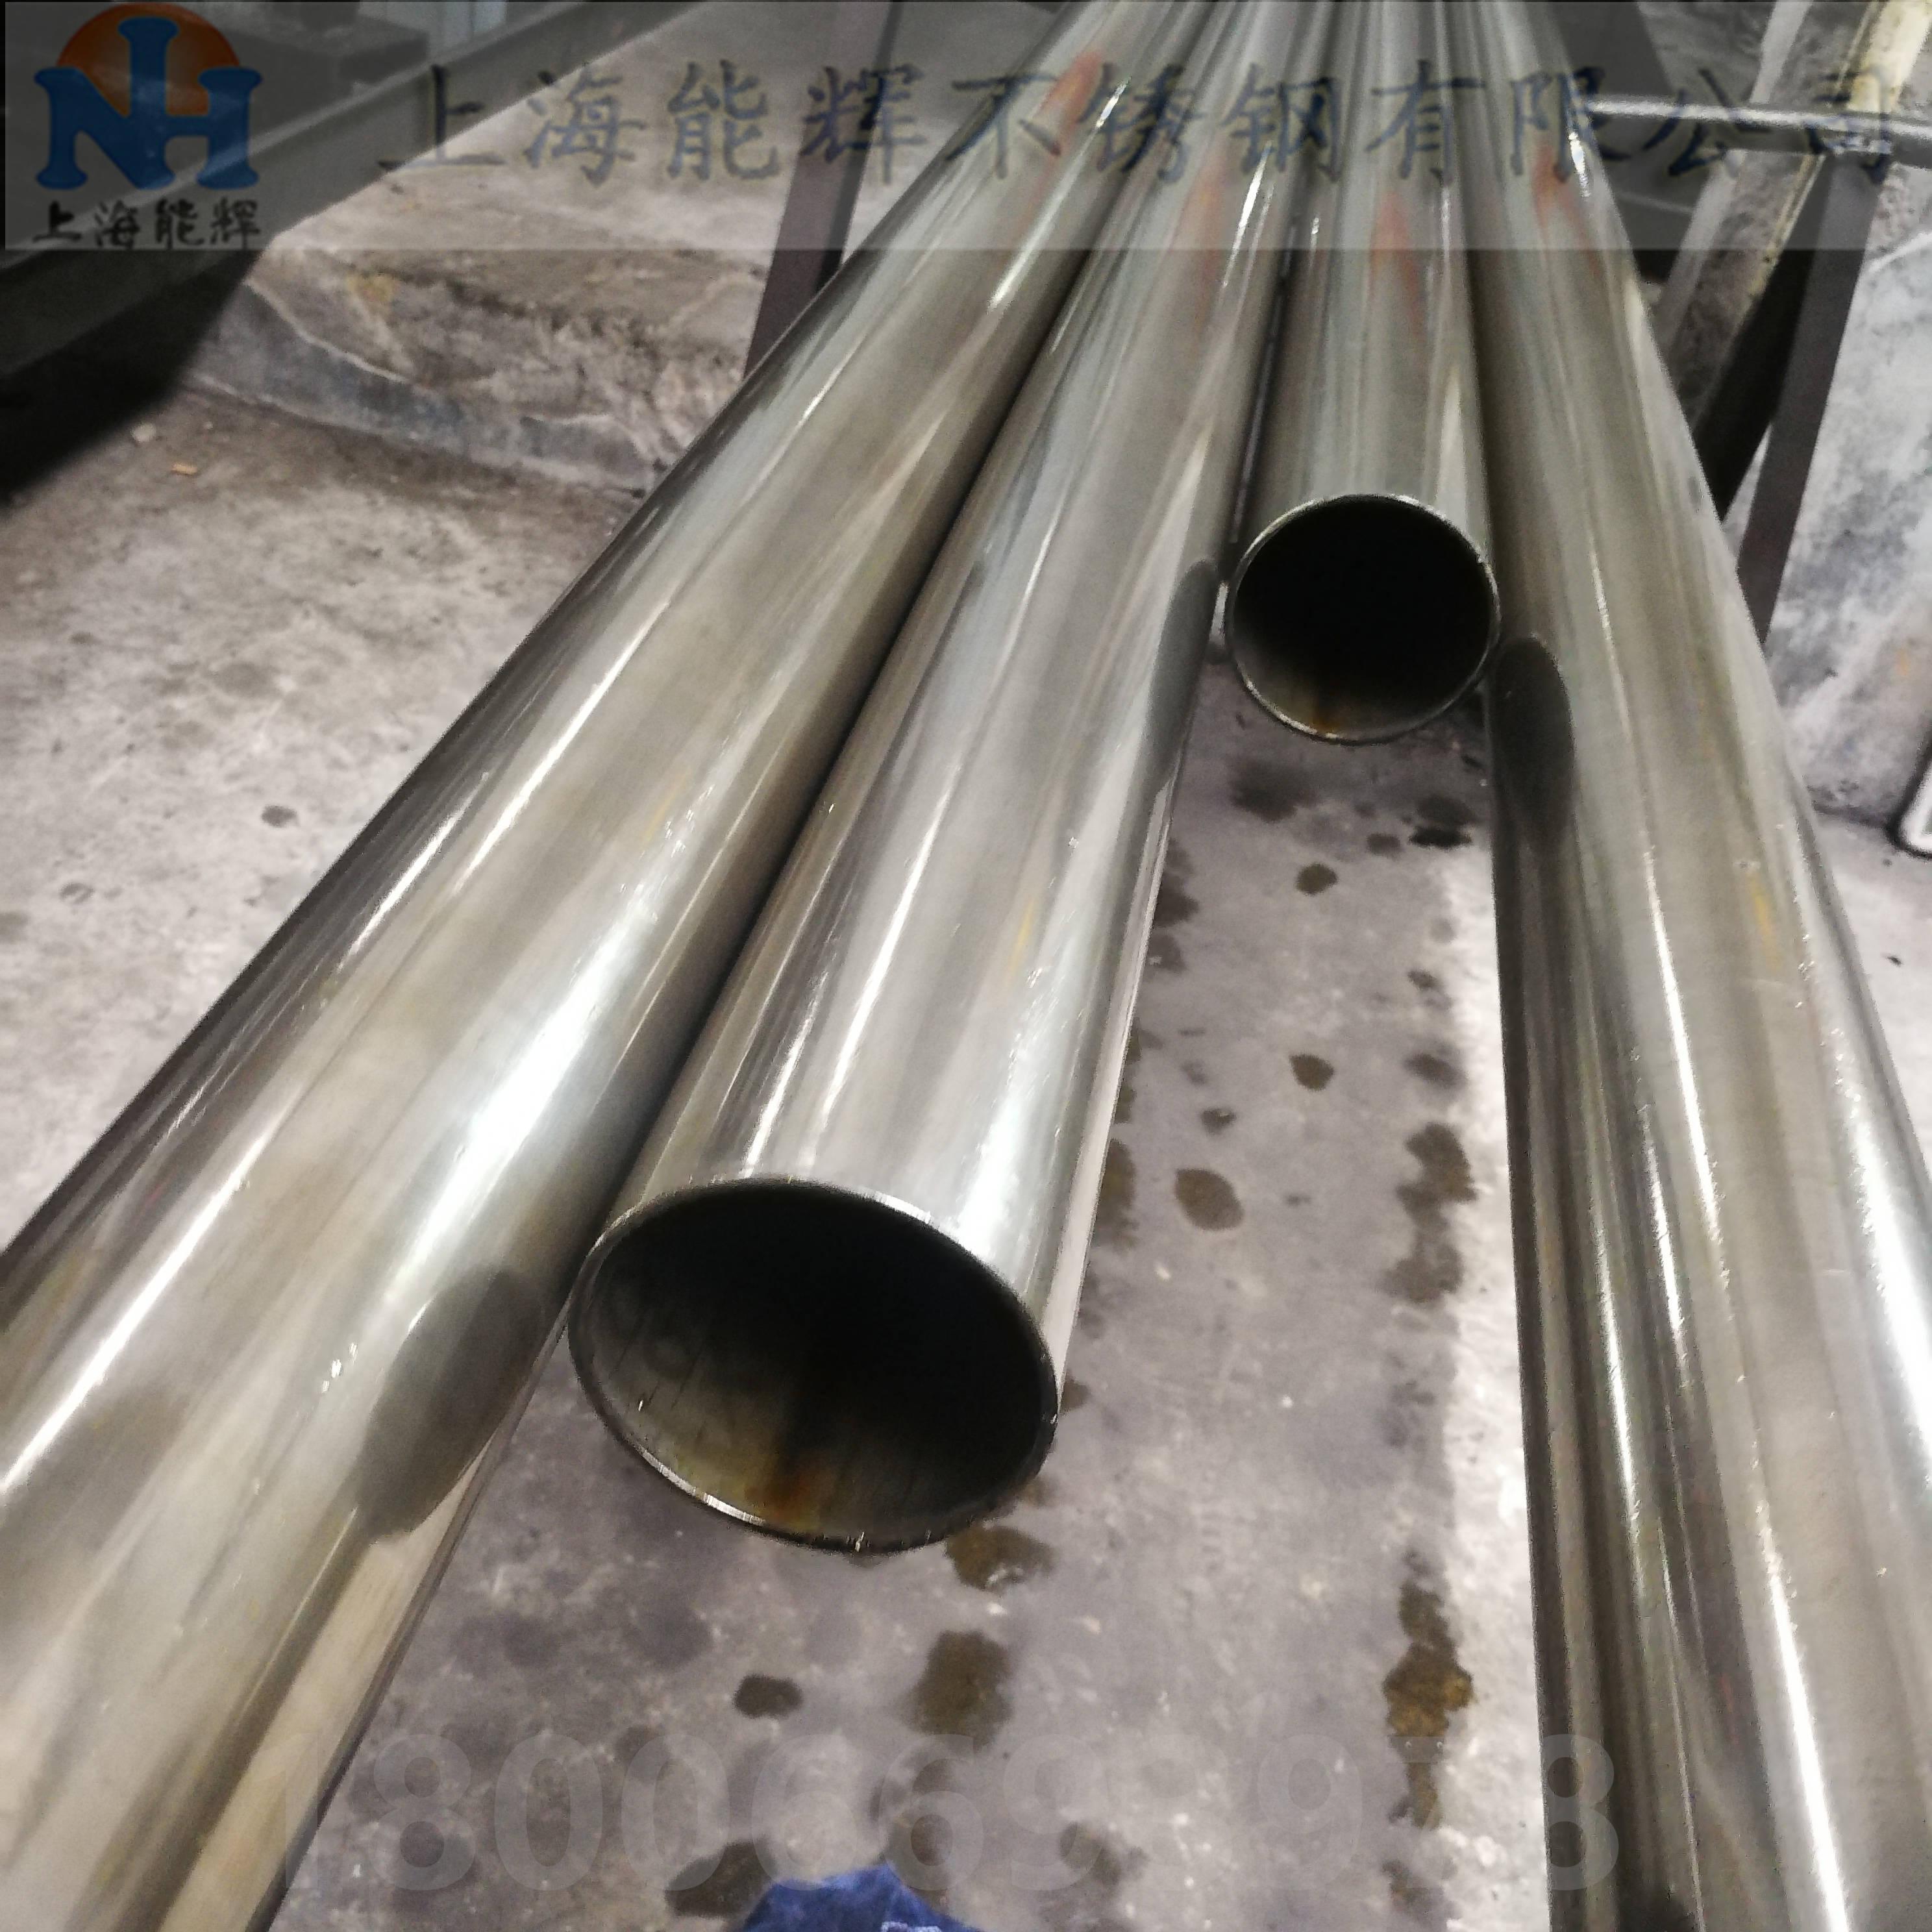 18*1卫生级不锈钢管主要用于化工、制浆造纸、建筑、食品、燃料等行业的企业装备(图3)